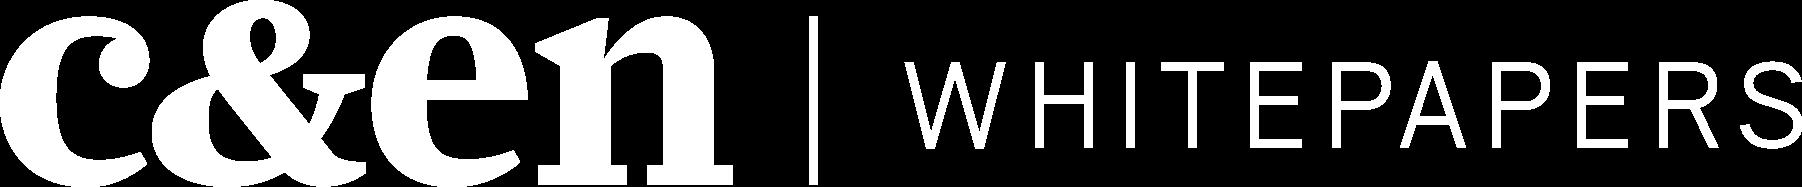 C&EN logo